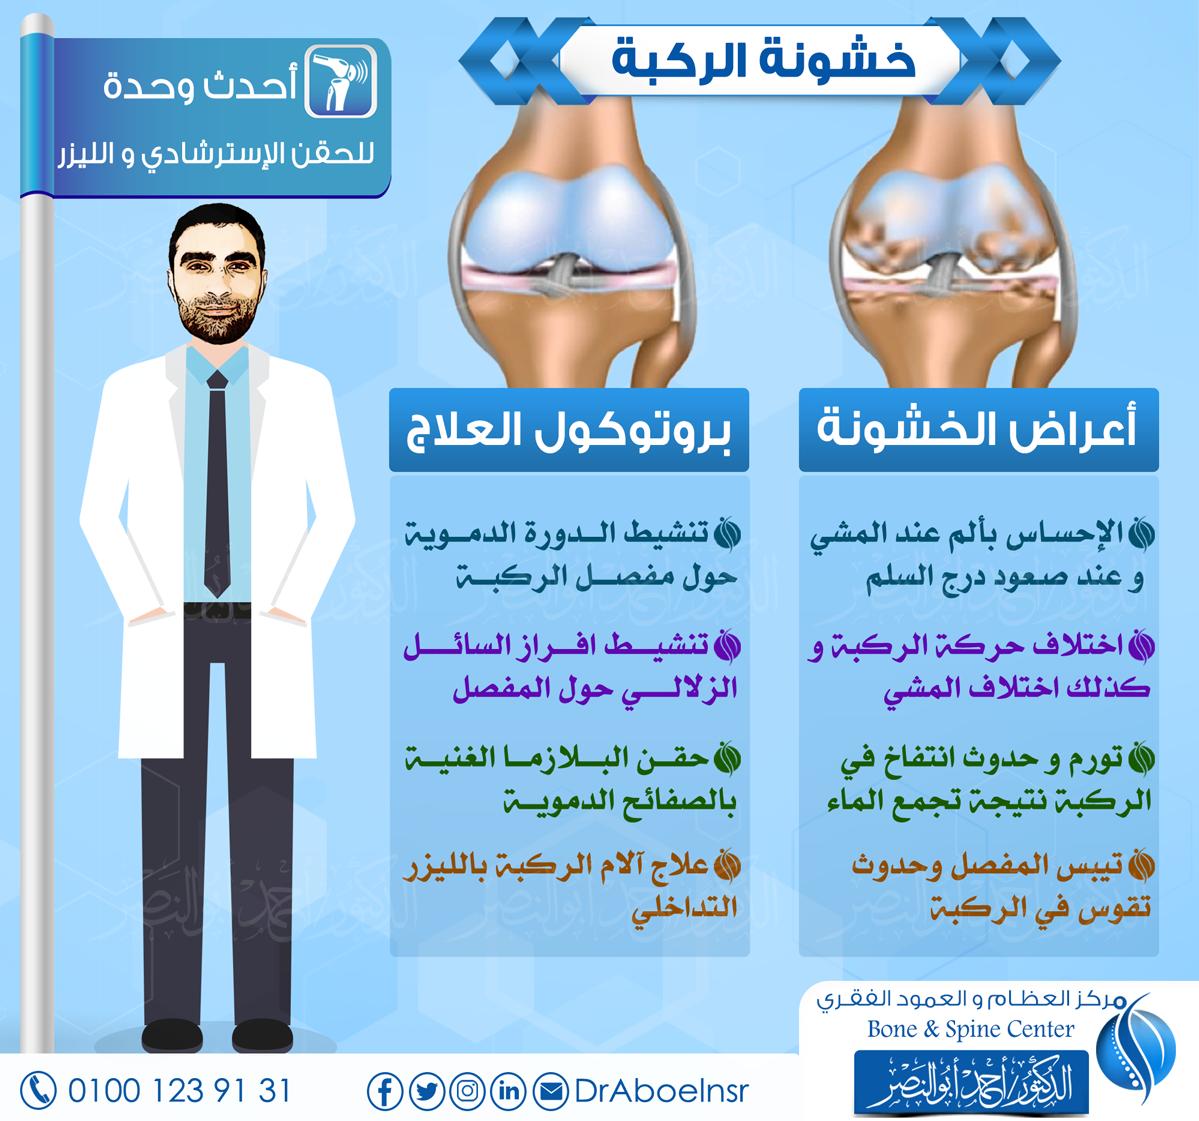 لا تقلق من أعراض خشونة الركبة هناك العديد من الحلول غير التقليدية تنشيط الدورة الدموية حول مفصل الركبة تنشيط افراز السائل الزلالي حول ال Hijama Medical Health